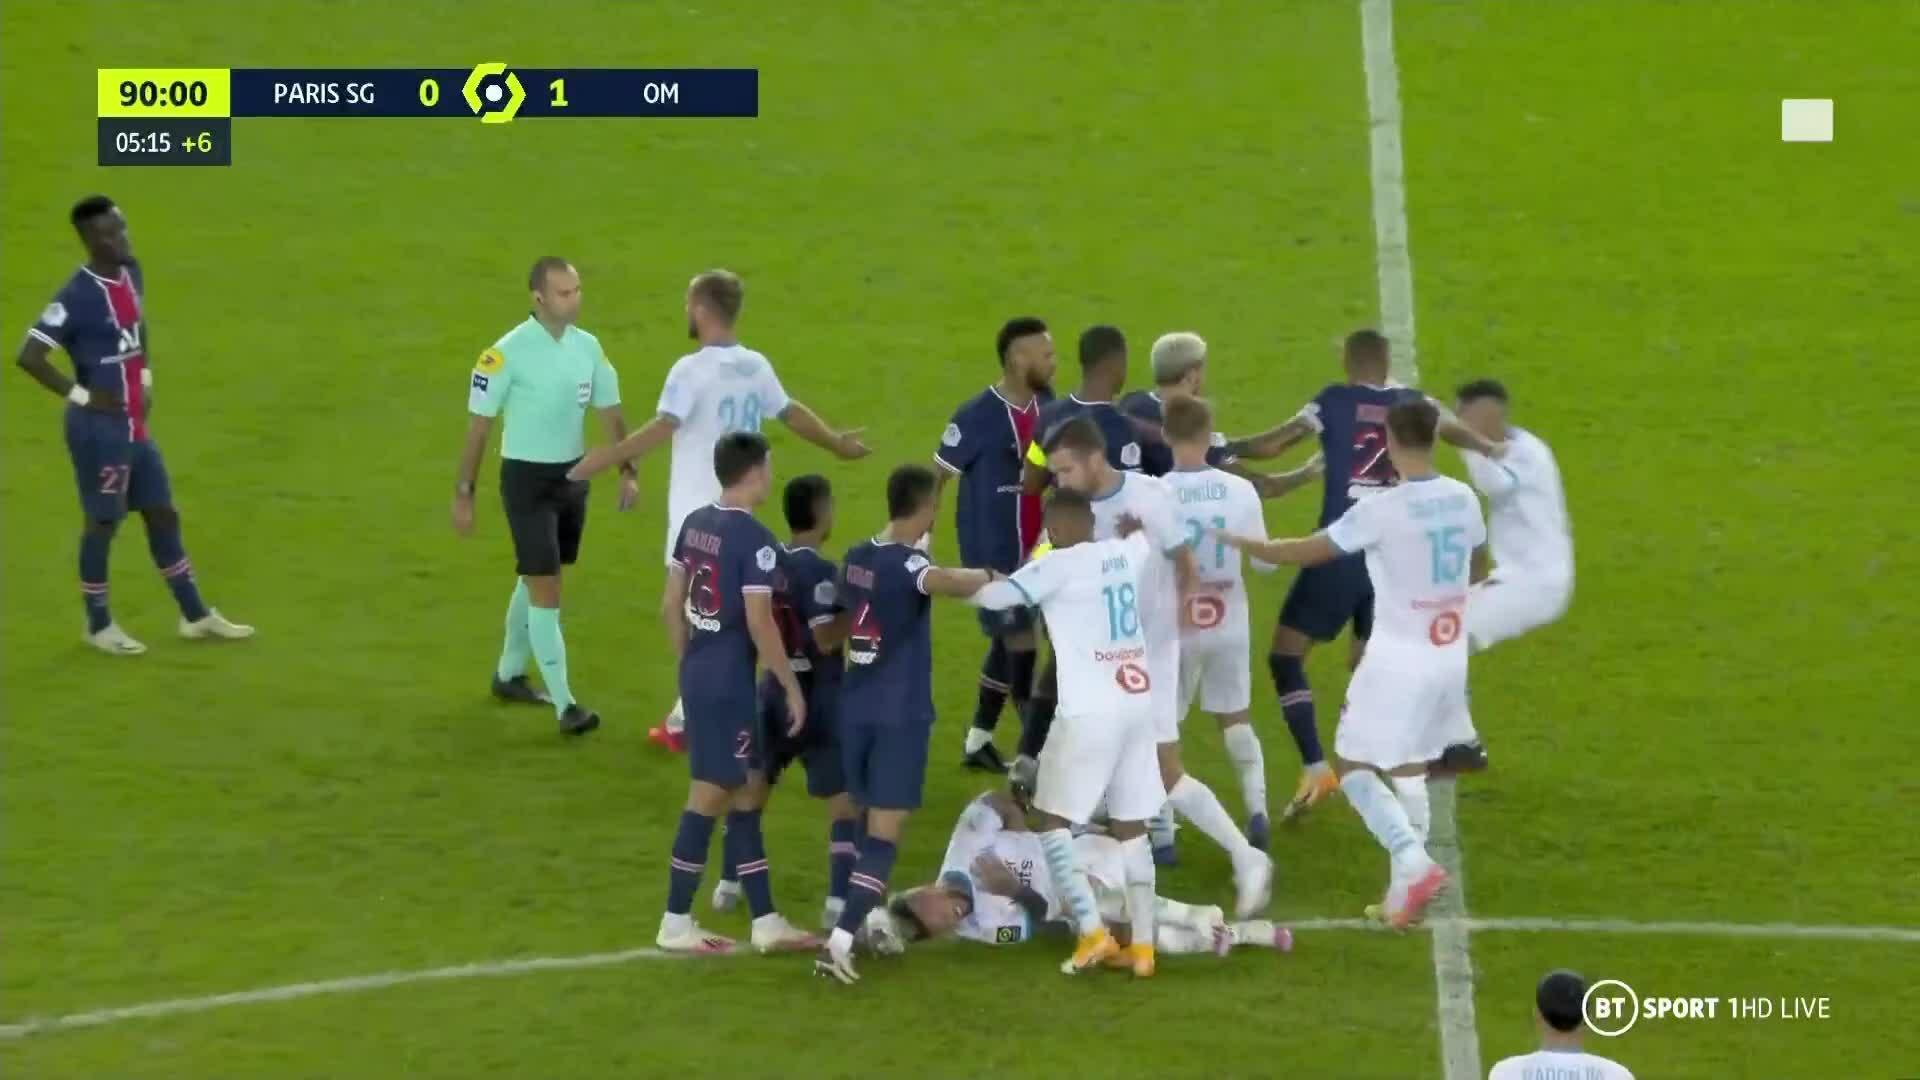 Cầu thủ PSG đánh nhau, trọng tài rút thẻ đỏ như phát lì xì